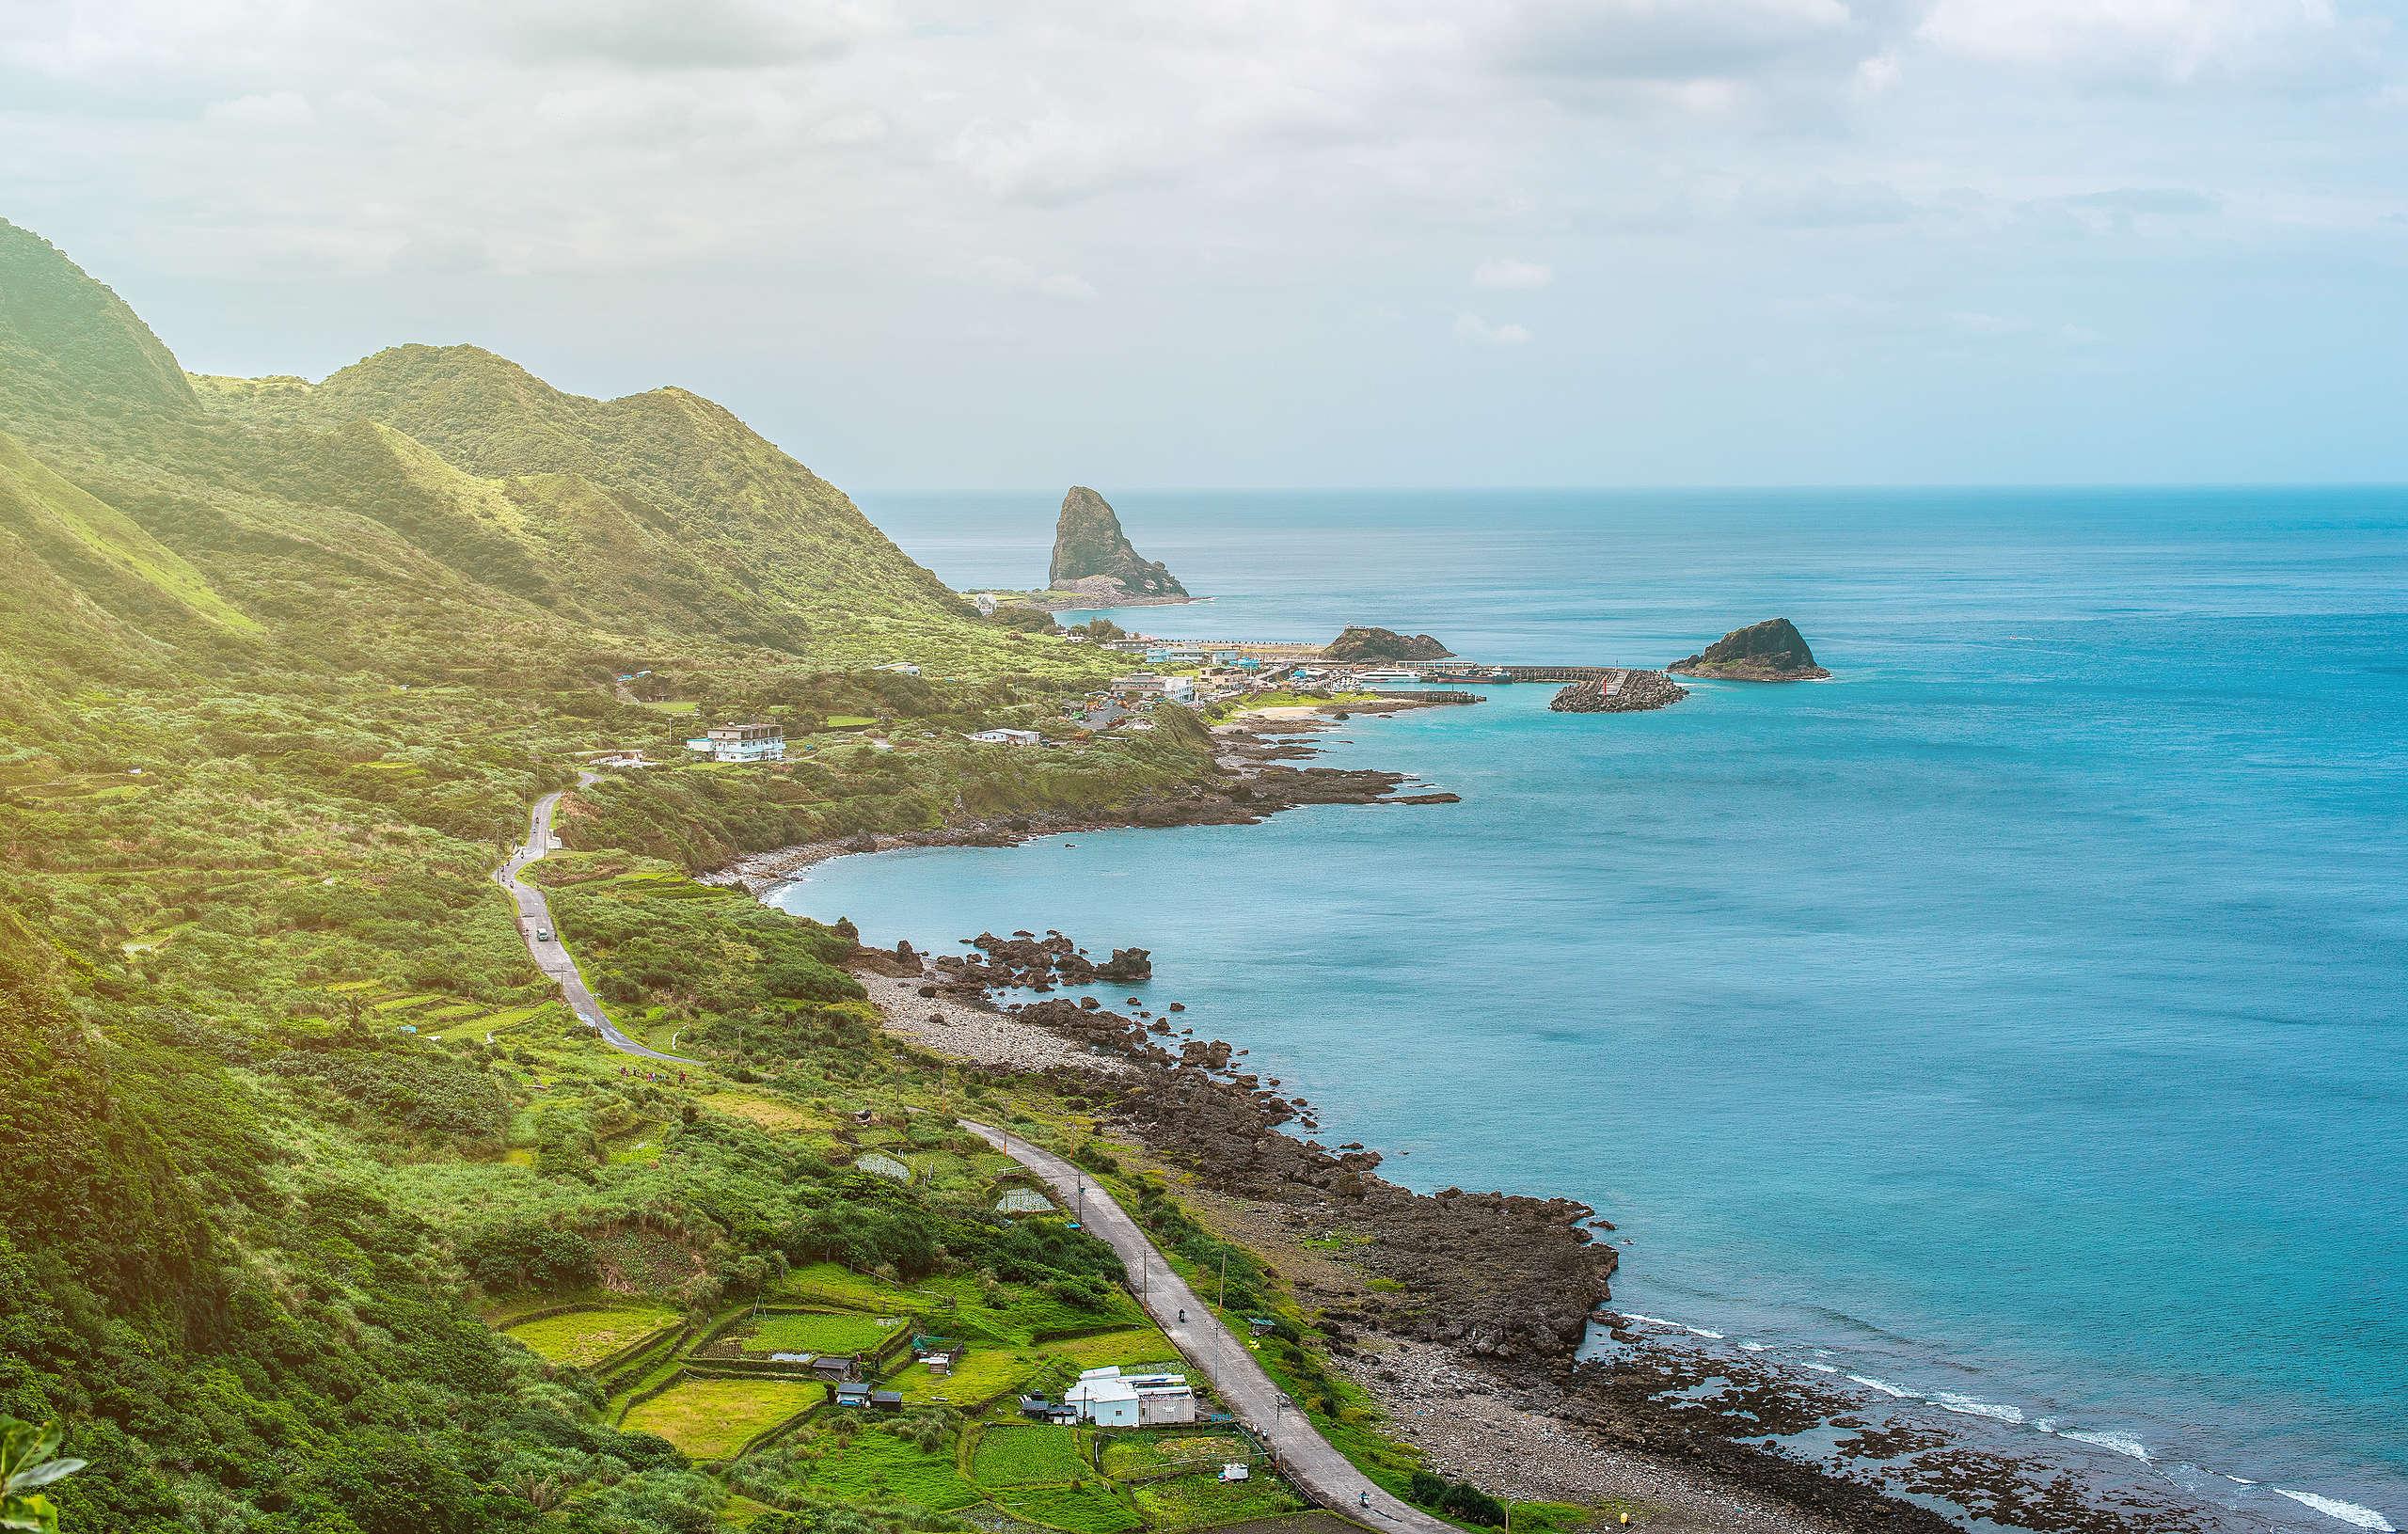 蘭嶼的美麗風光,永遠豐富的原住民文化及水上活動。